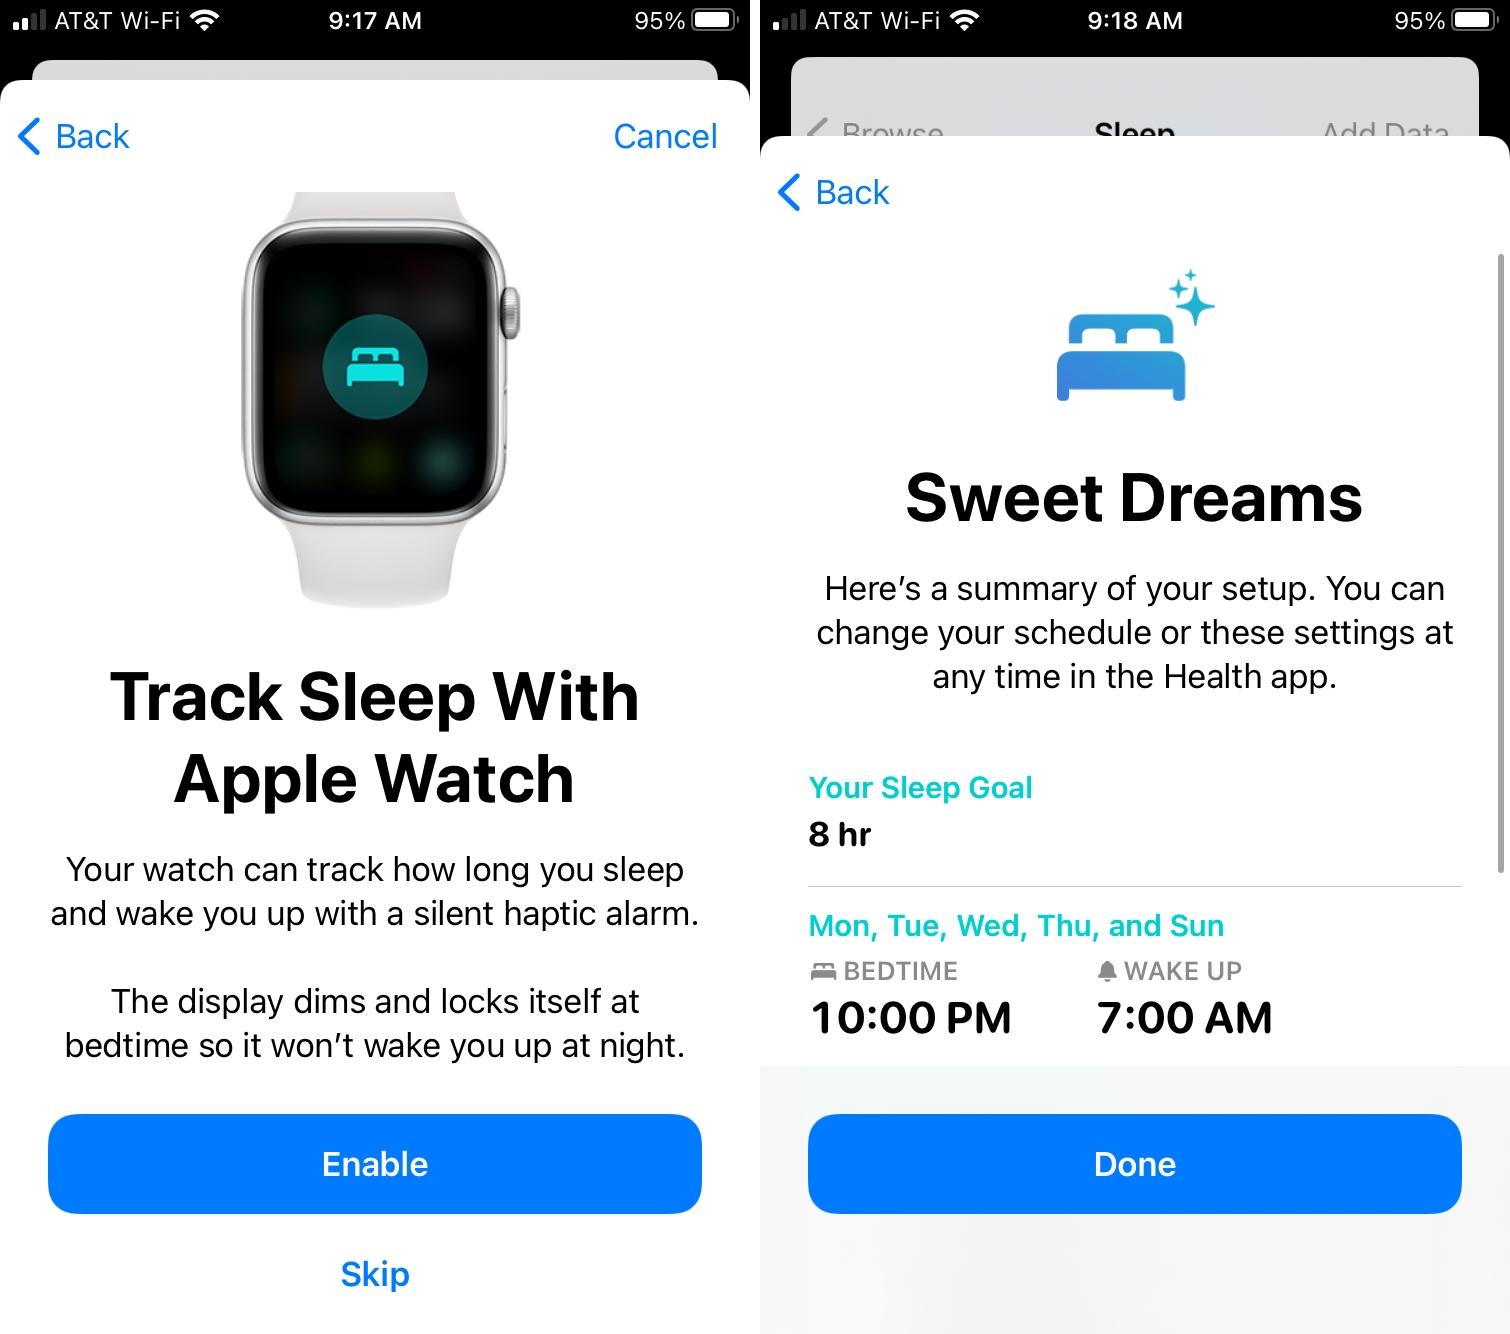 Enable Apple Watch for Sleep